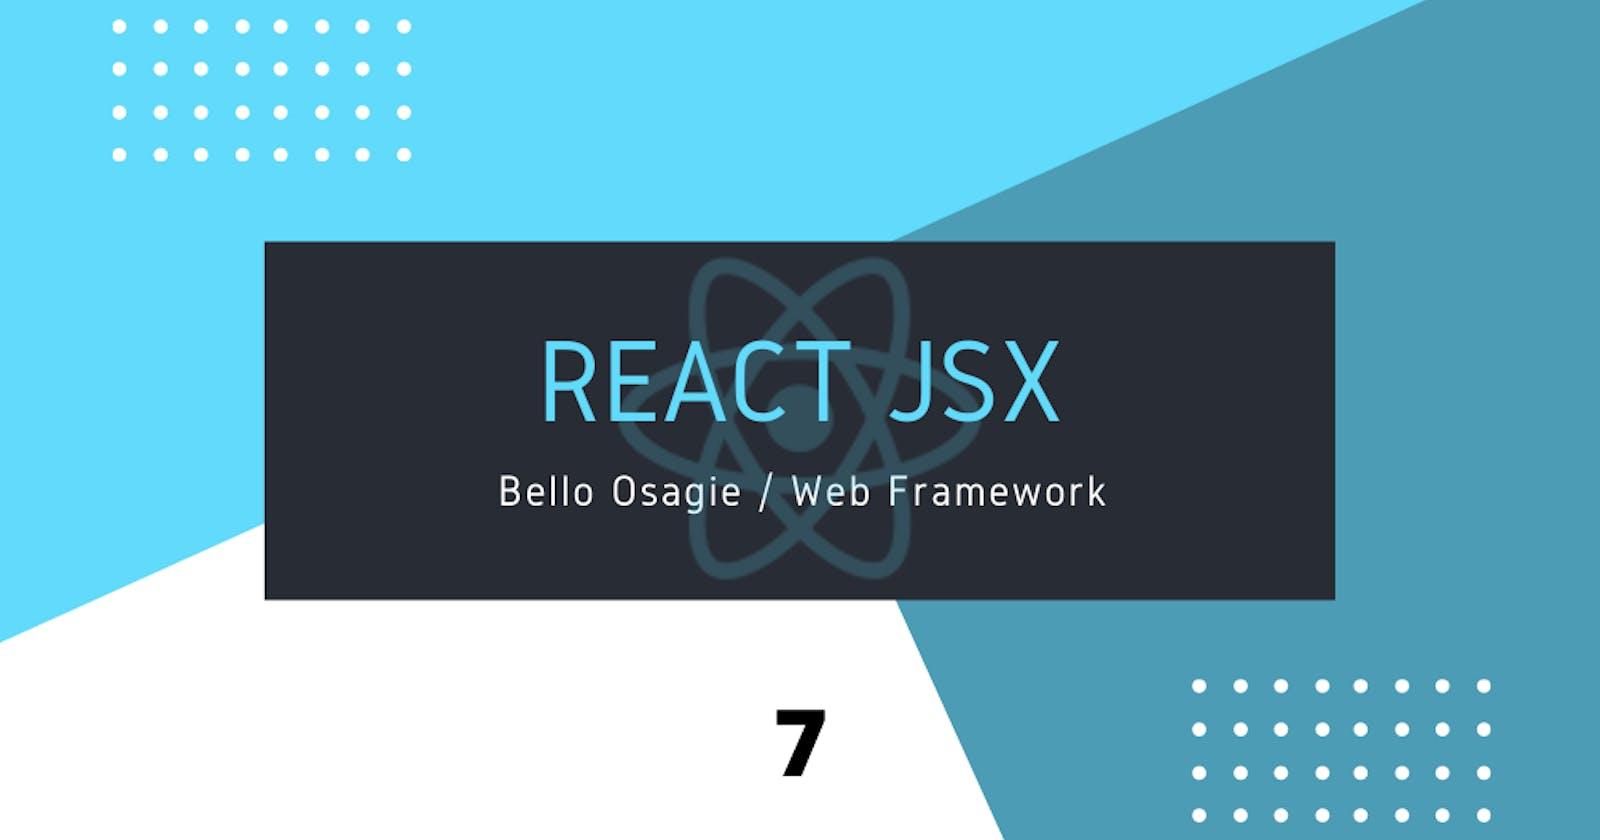 React JSX